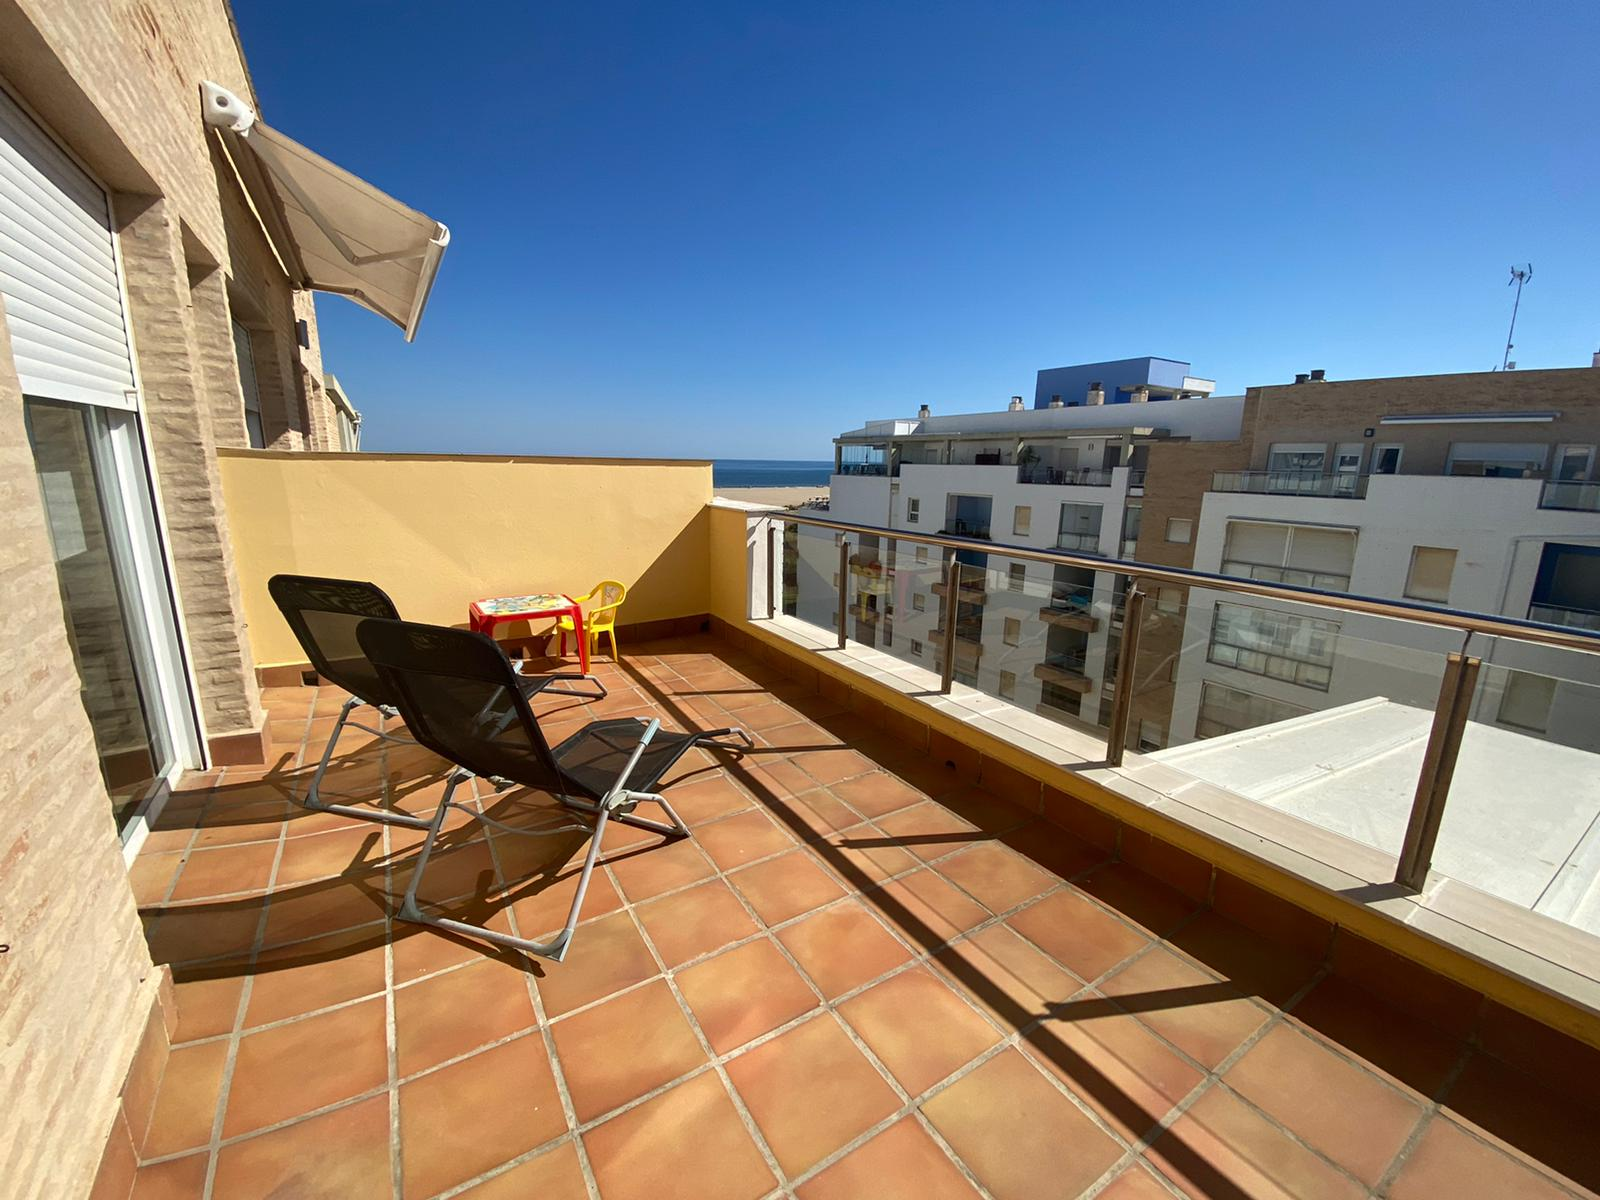 Imagen 3 del Apartamento Turístico, Ático 8 Central (3d+2b), Punta del Moral (HUELVA), Paseo de la Cruz nº22